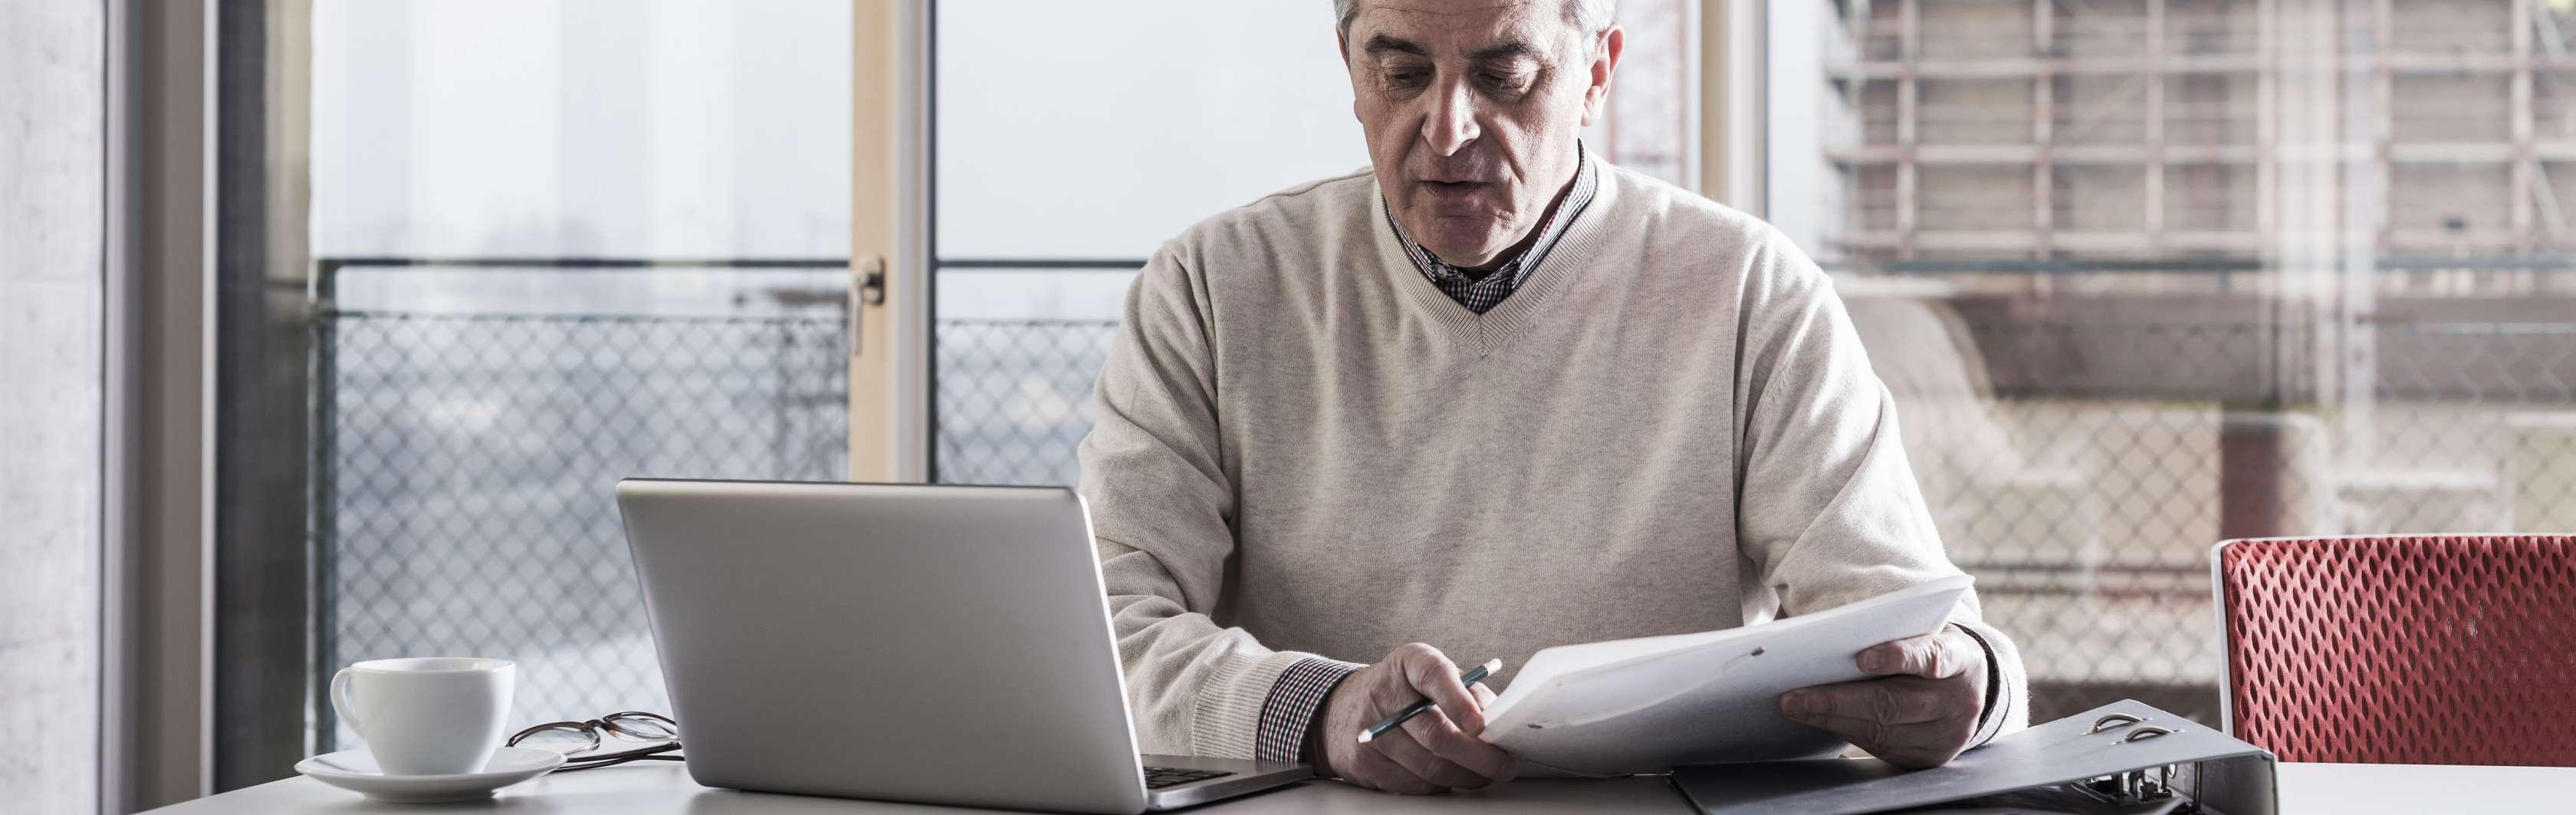 Älterer Mann sitzt mit Laptop an Besprechungstisch